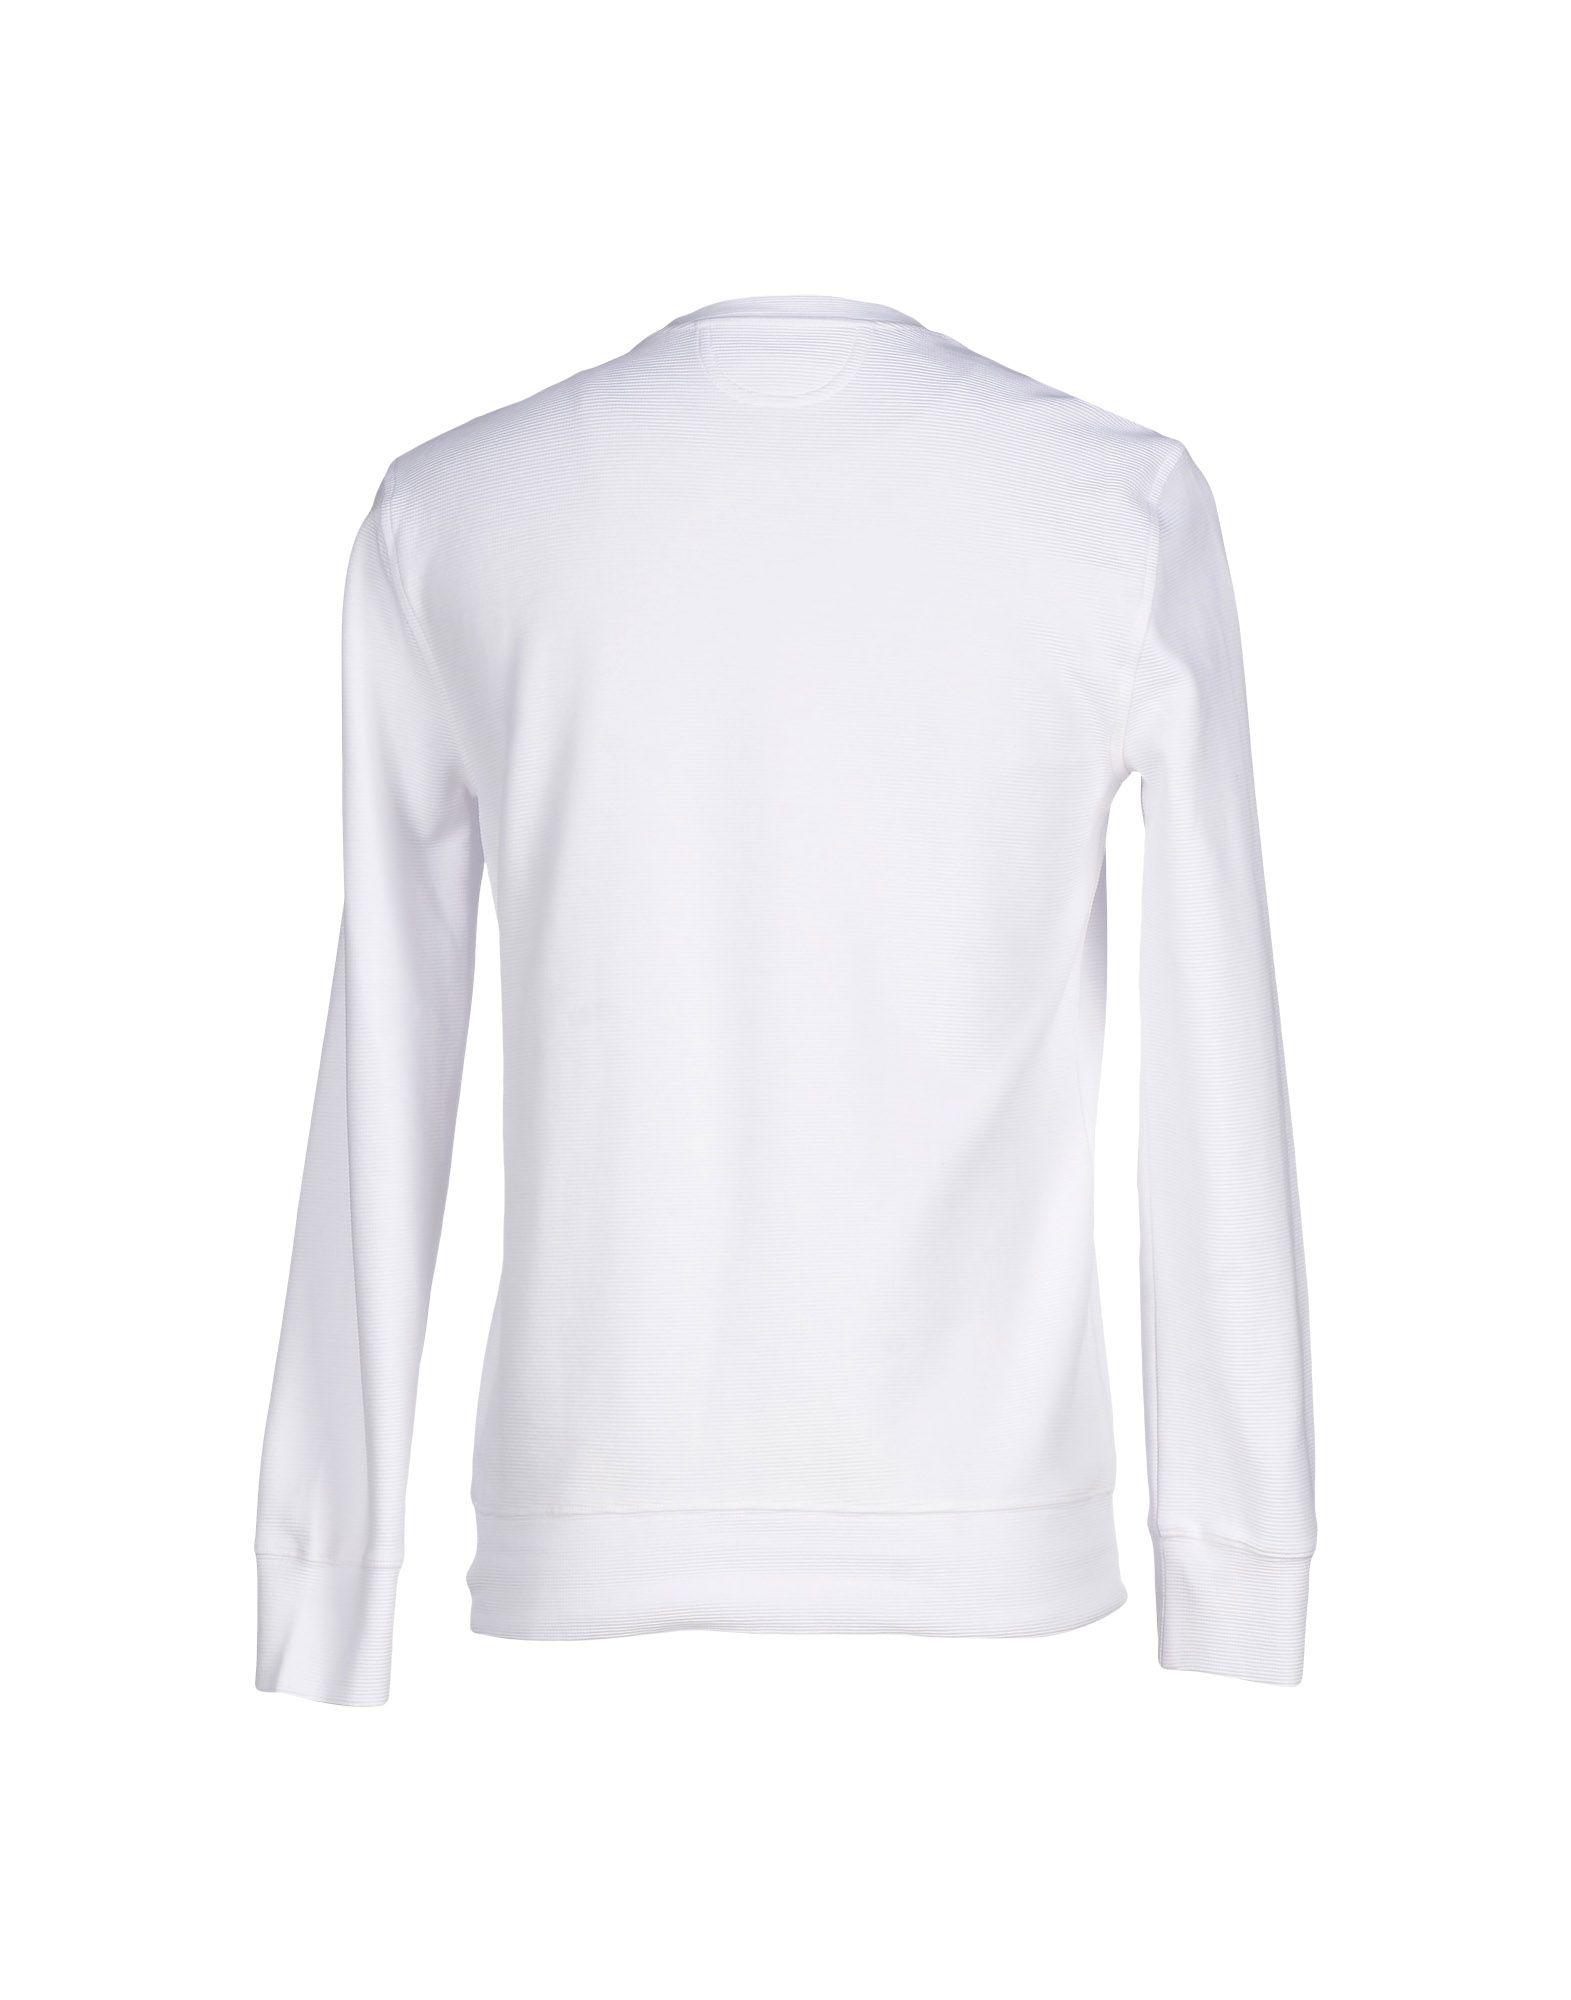 helmut lang t shirt in white for men lyst. Black Bedroom Furniture Sets. Home Design Ideas